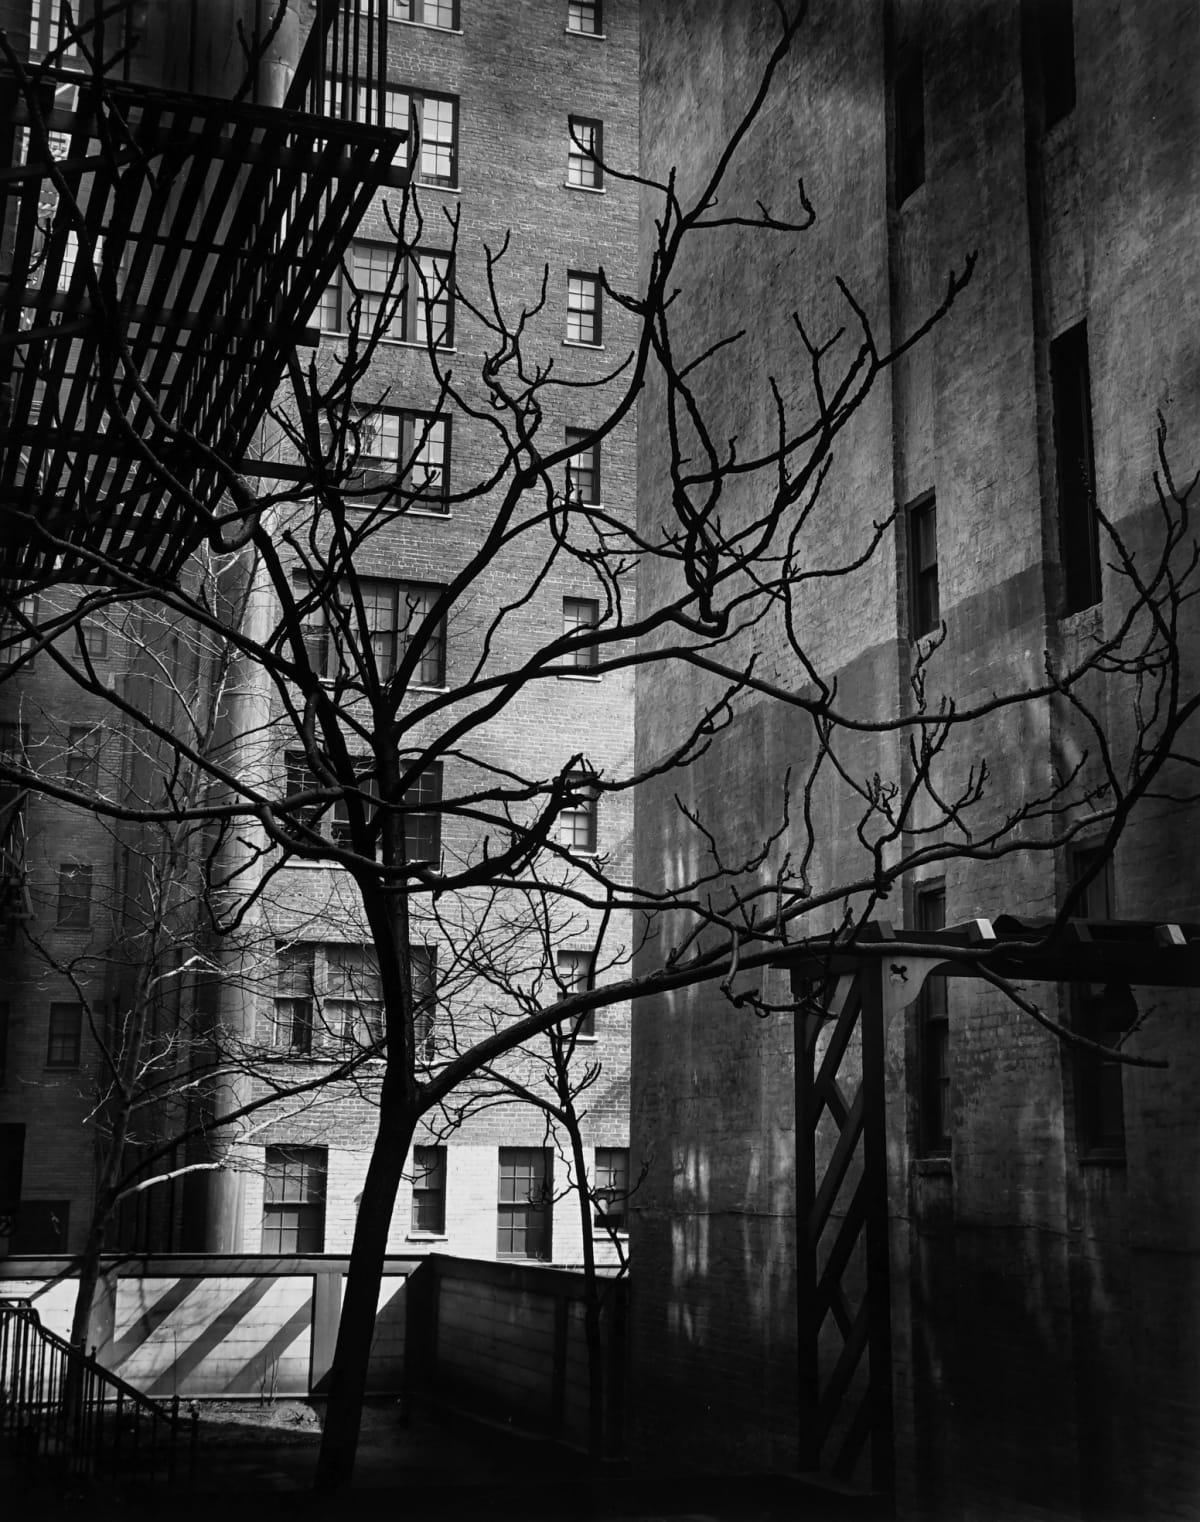 """Brett Weston Manhattan Courtyard, 1945 ( Printed 1951) Vintage Gelatin Silver Print Image - 7.5""""x9.5"""", Mount - 13""""x15"""", Matted - 16""""x20"""""""